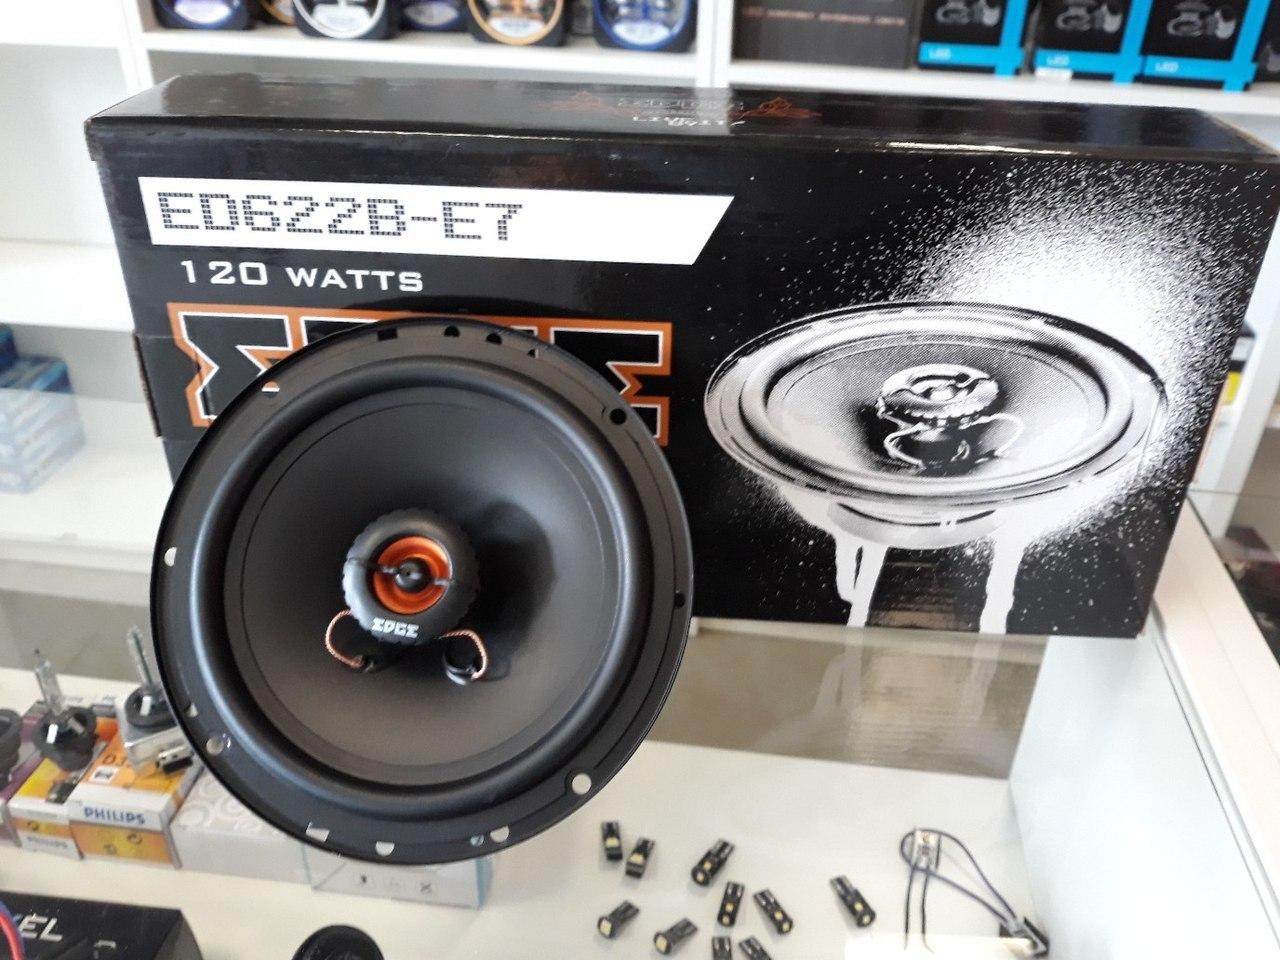 Edge ED-622B-E7